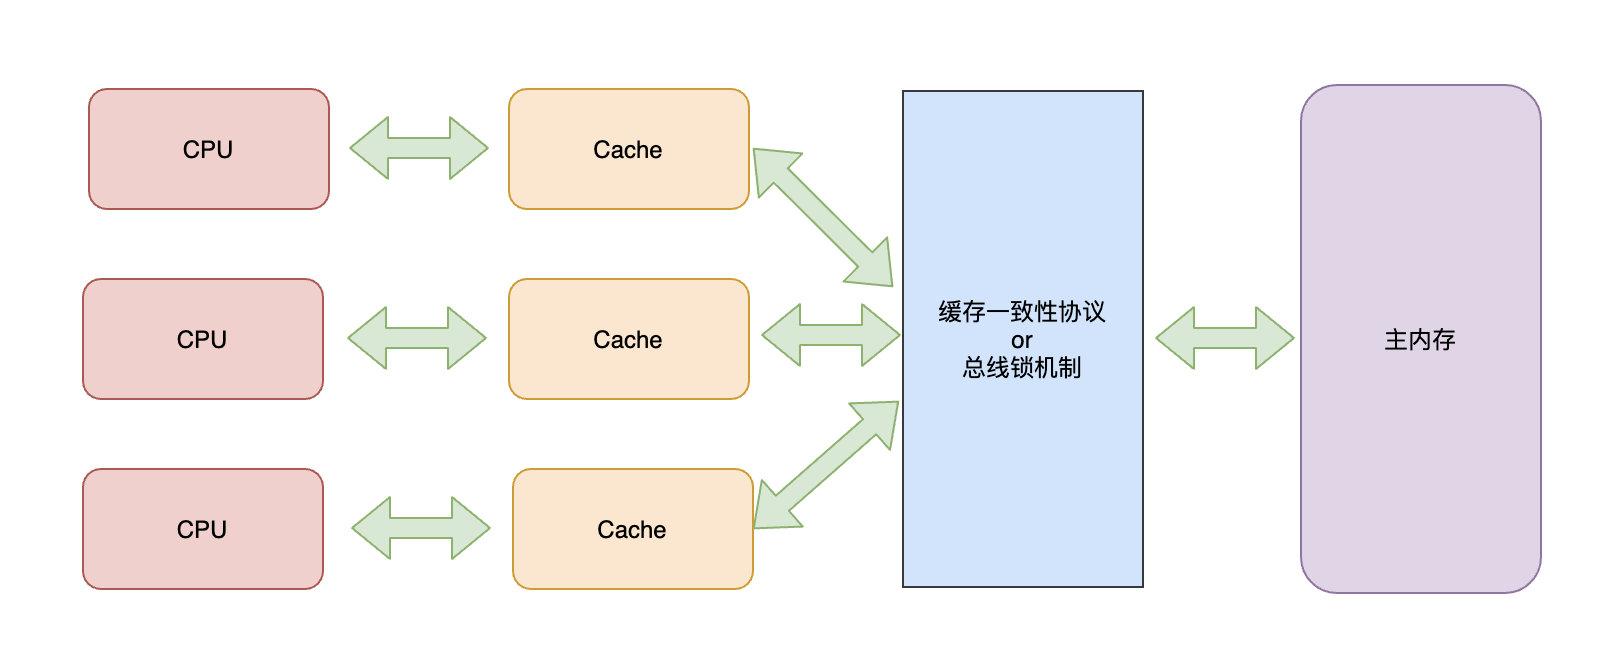 CPU-缓存-总线-内存